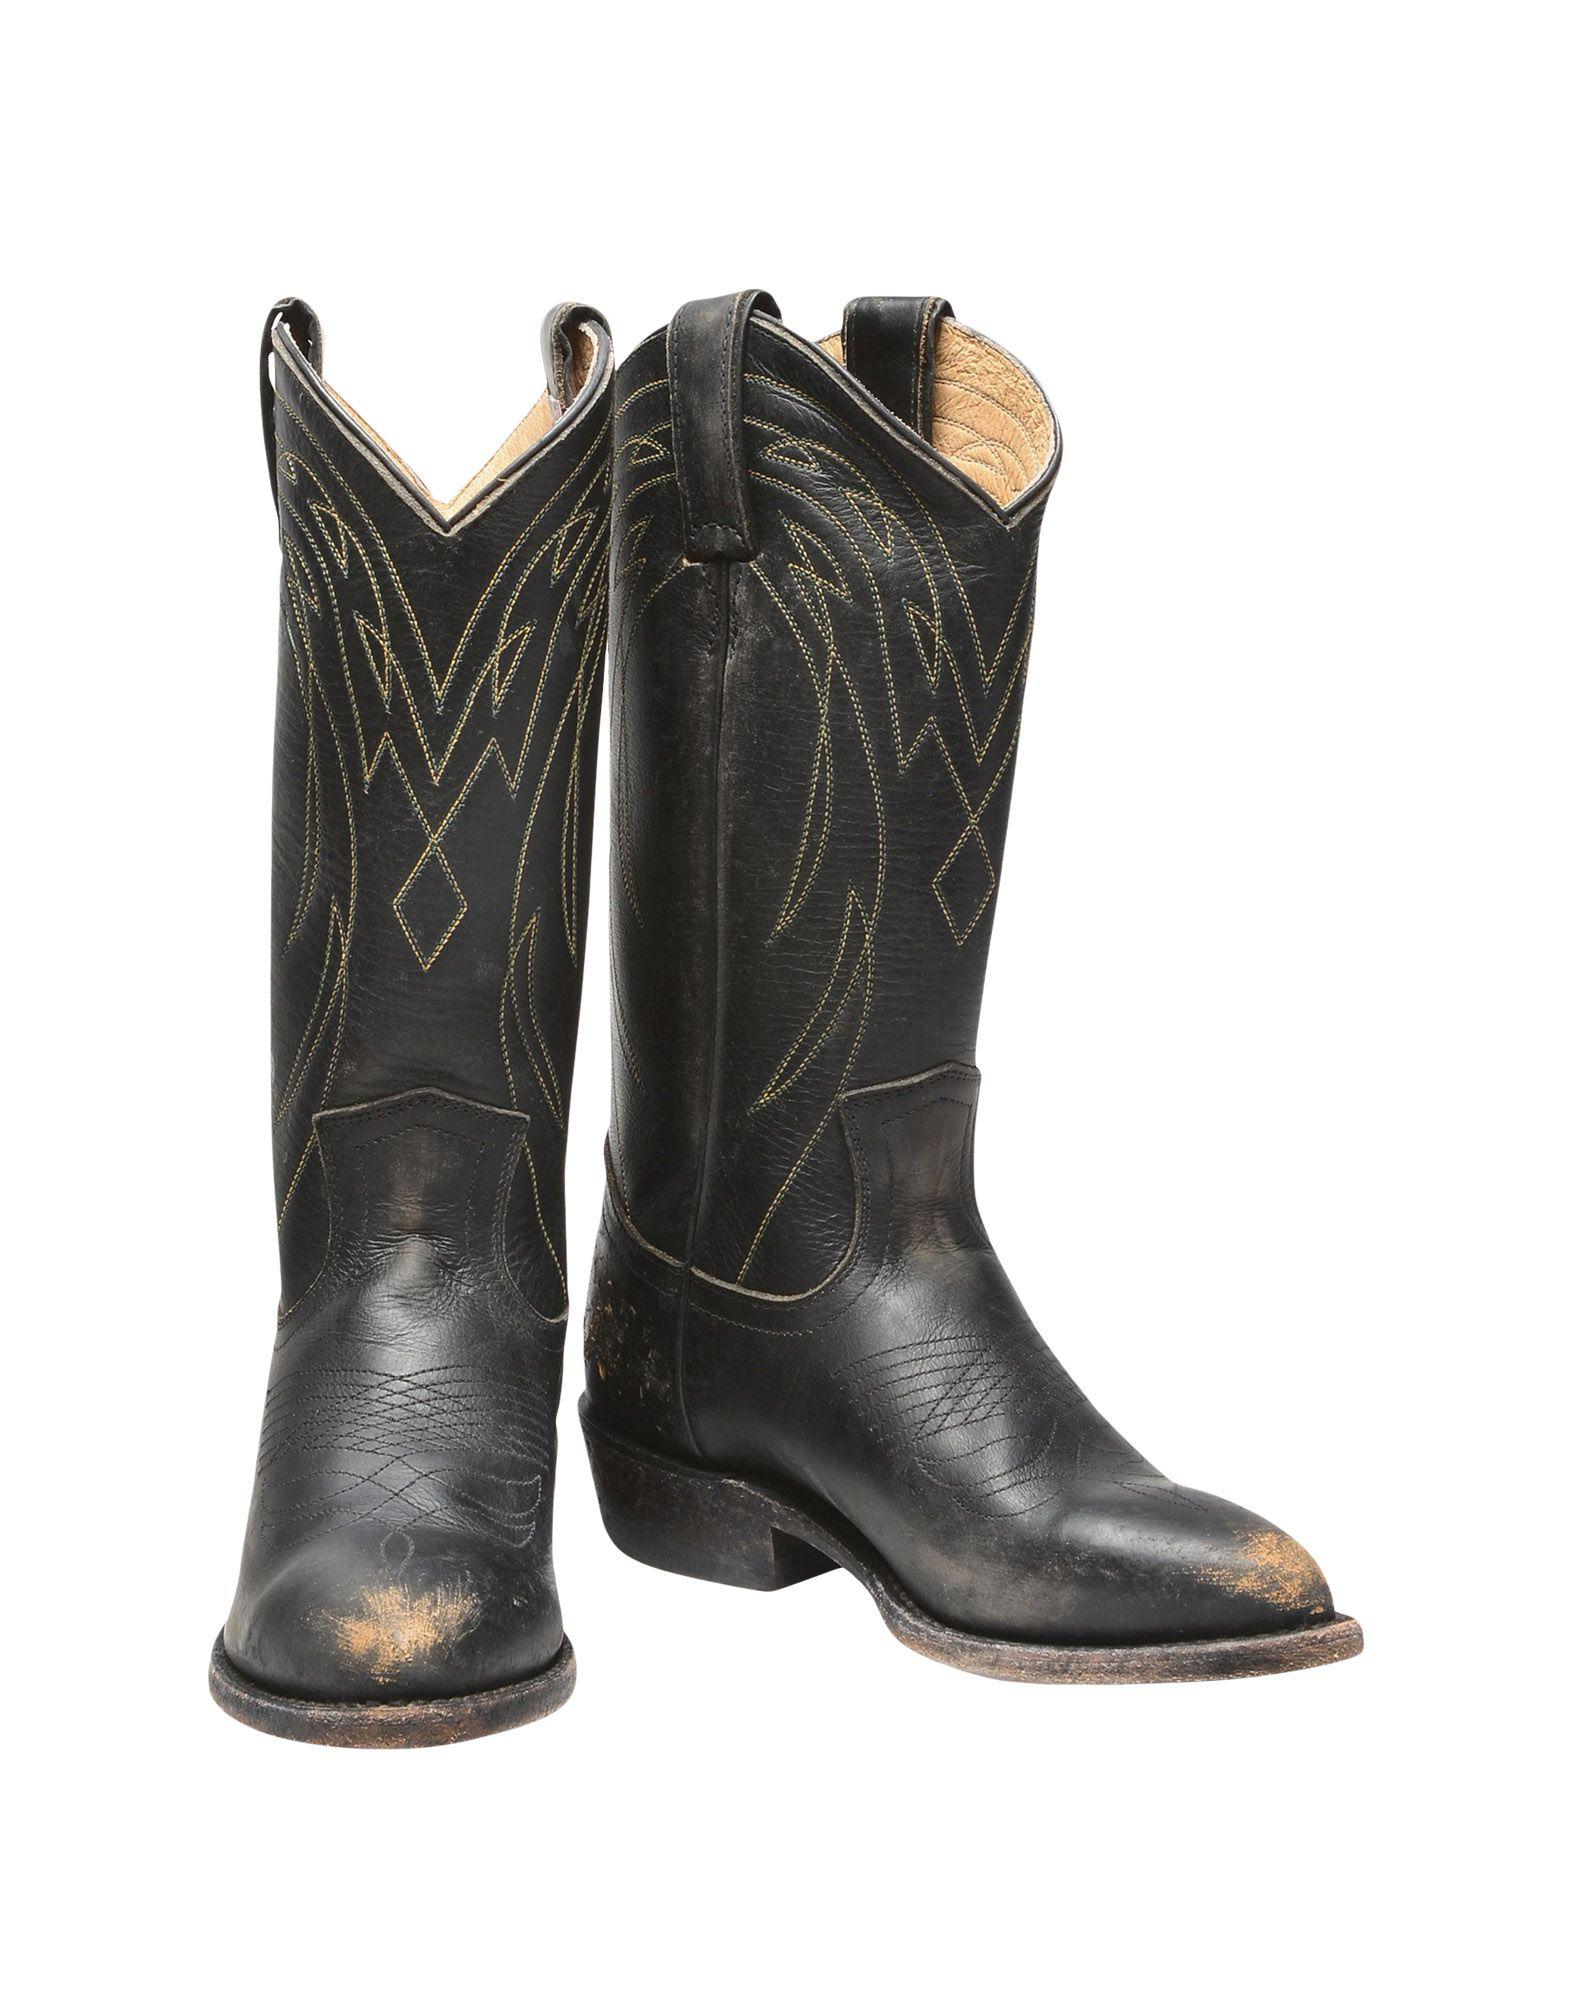 Frye Ankle Ankle Boot - Women Frye Ankle Ankle Boots online on  Canada - 11444602QQ 24792b